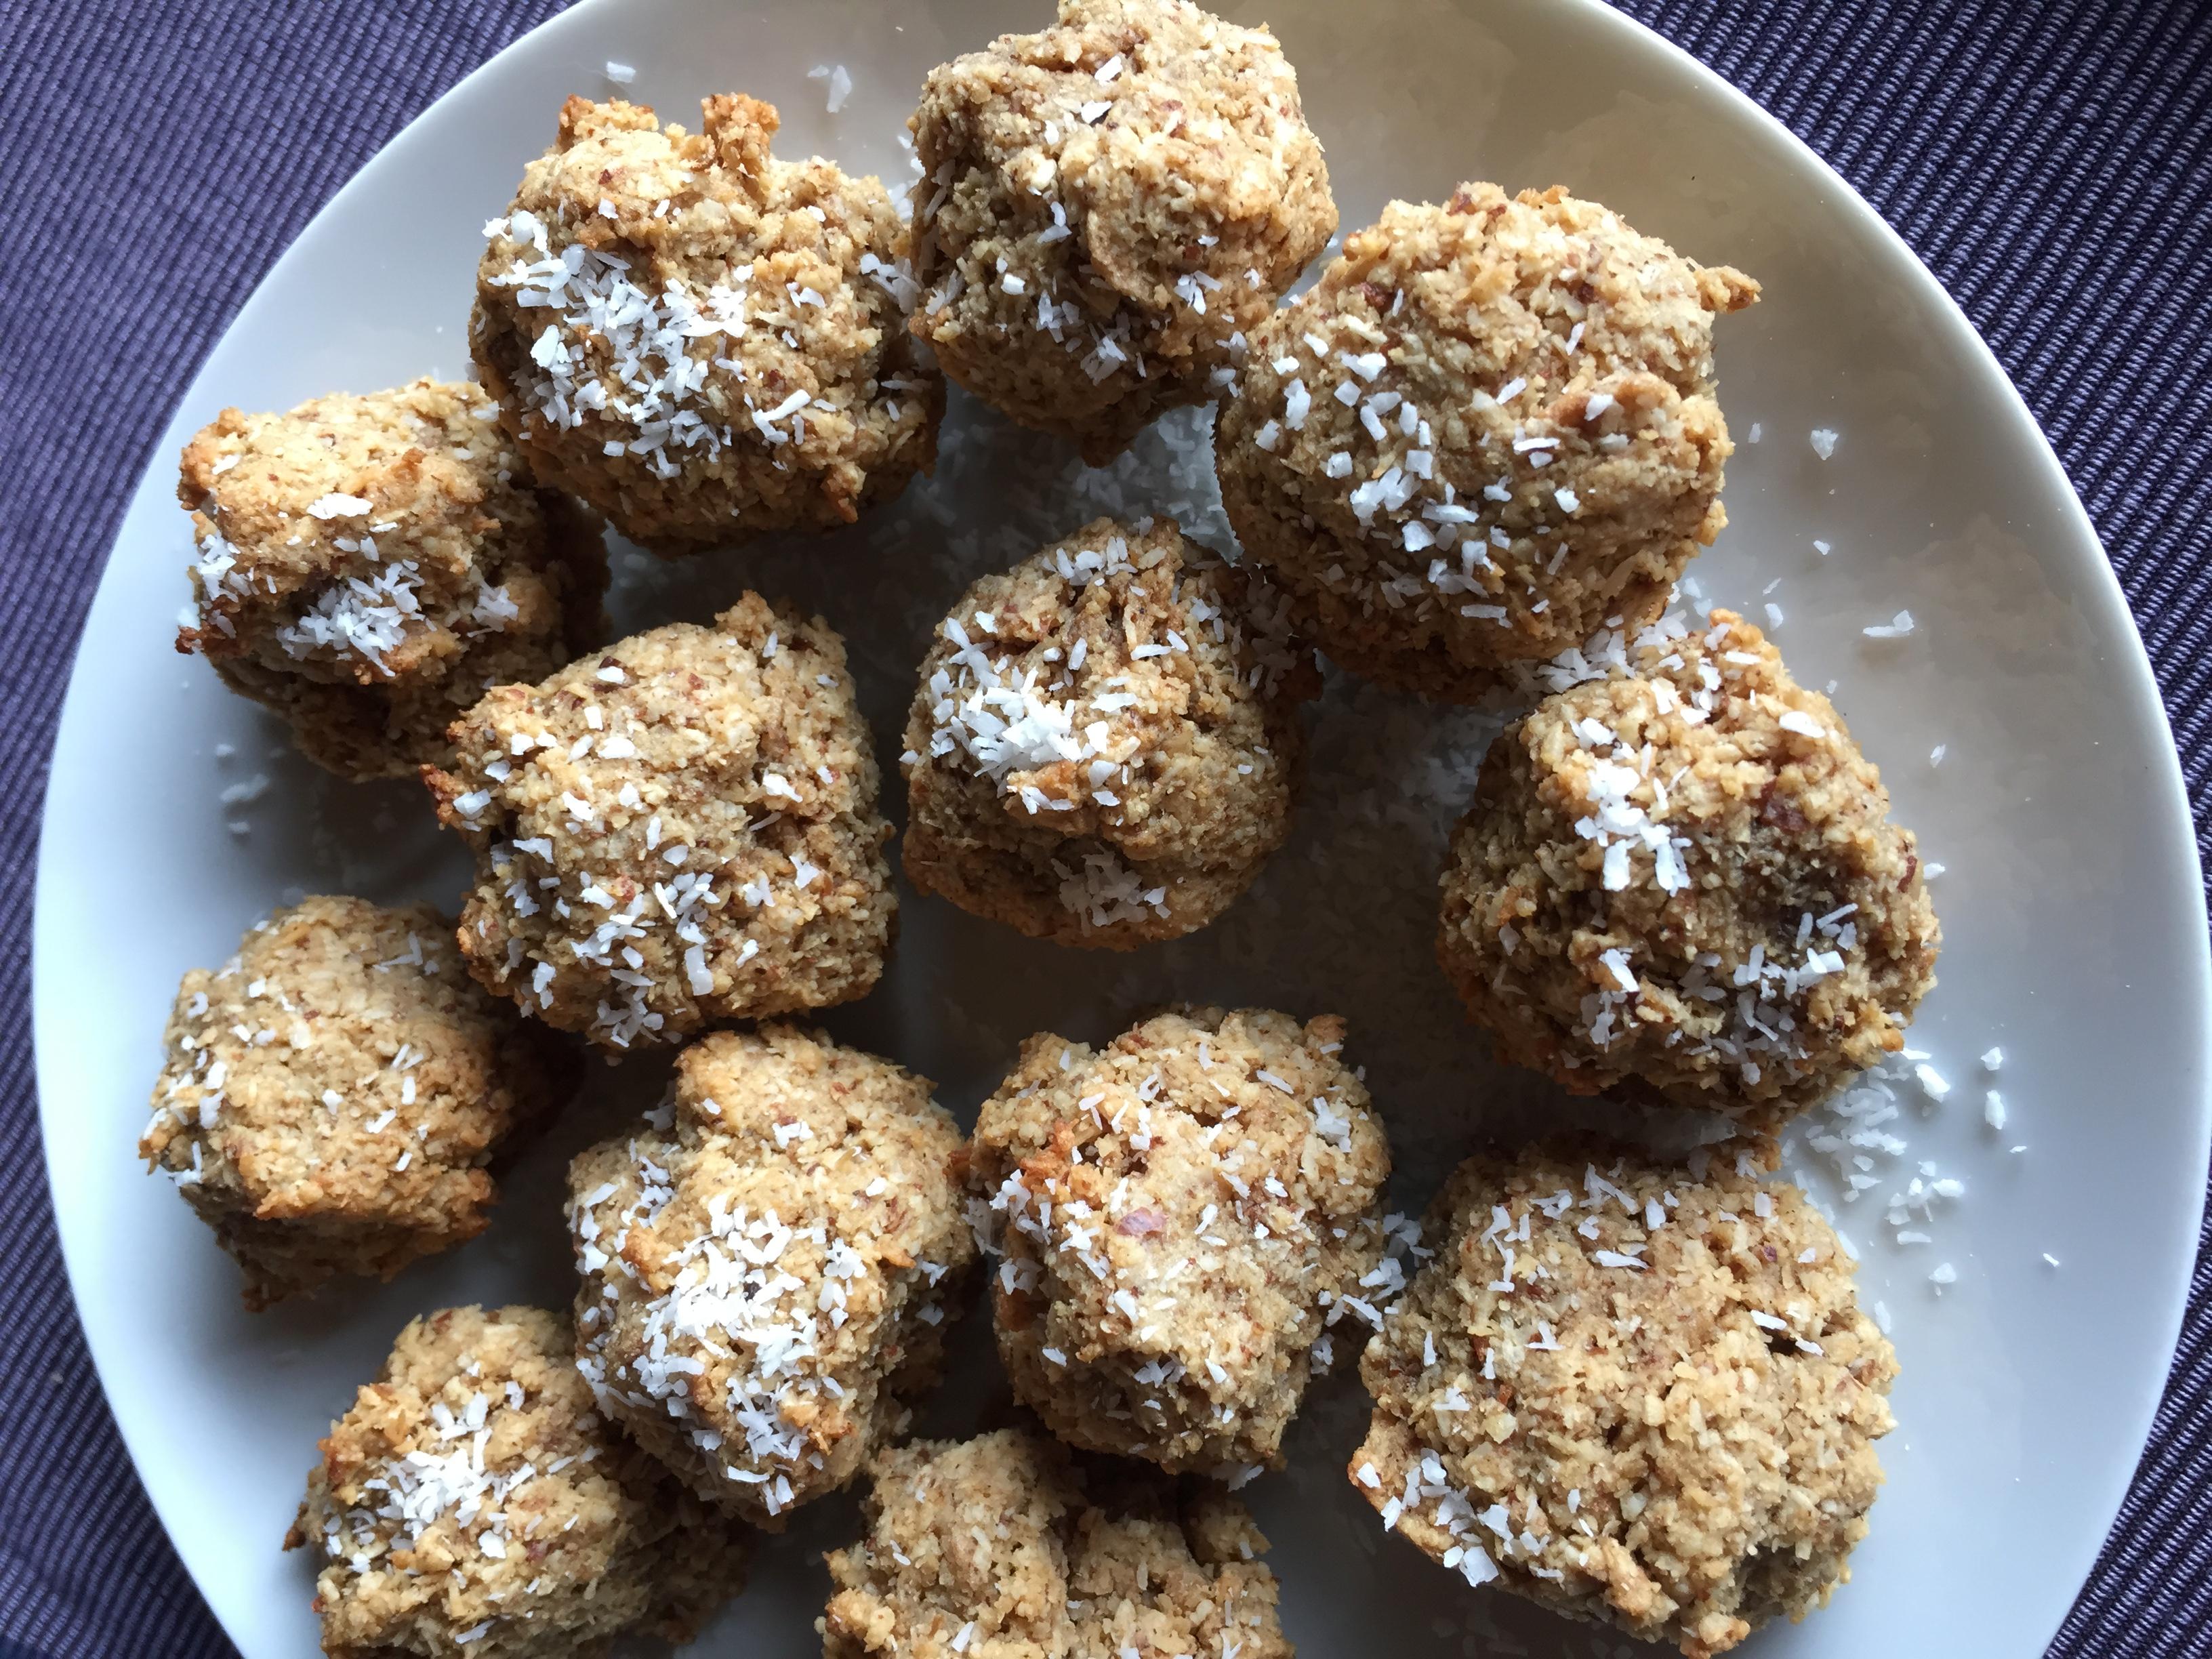 Schale mit Kokosnuss Cookies